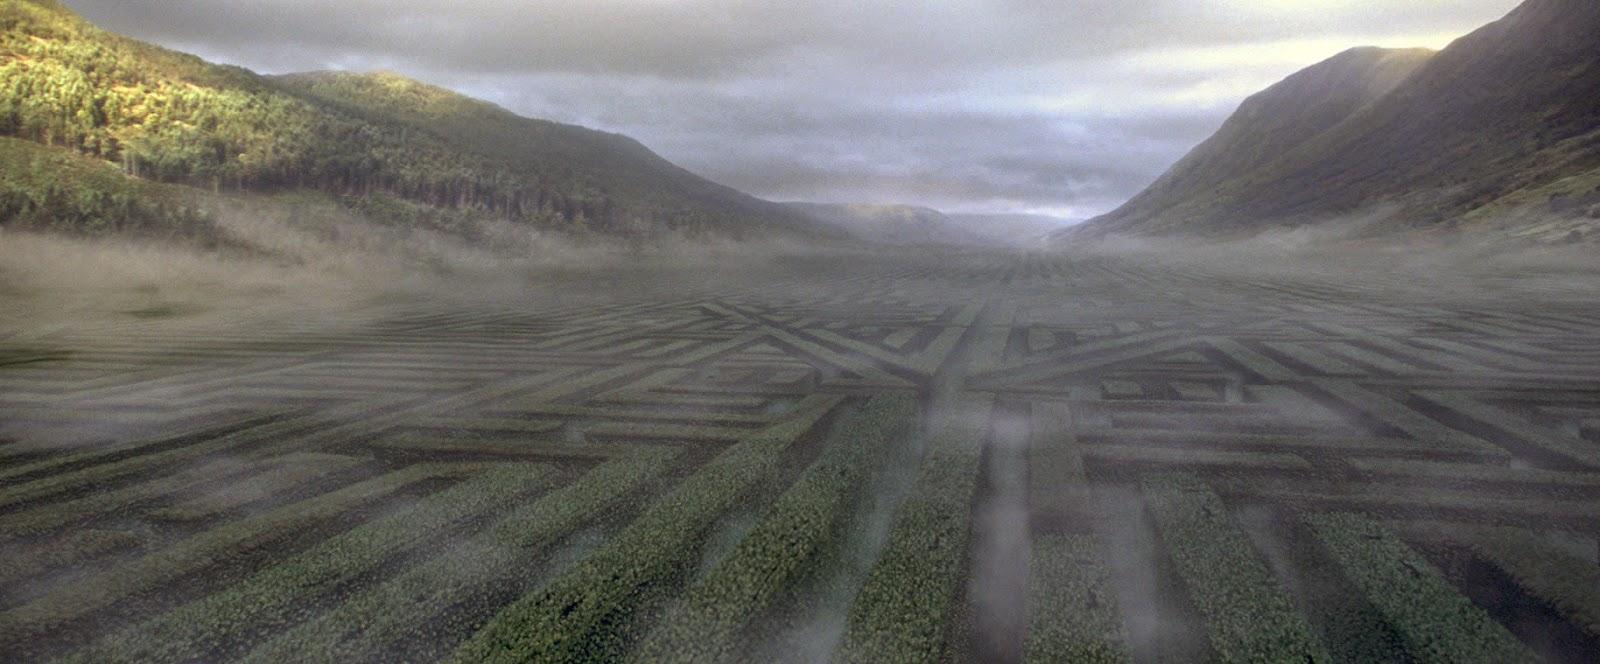 Le labyrinthe comme troisième épreuve des champions dans Harry Potter et la coupe de feu, de Mike Newell (2005)